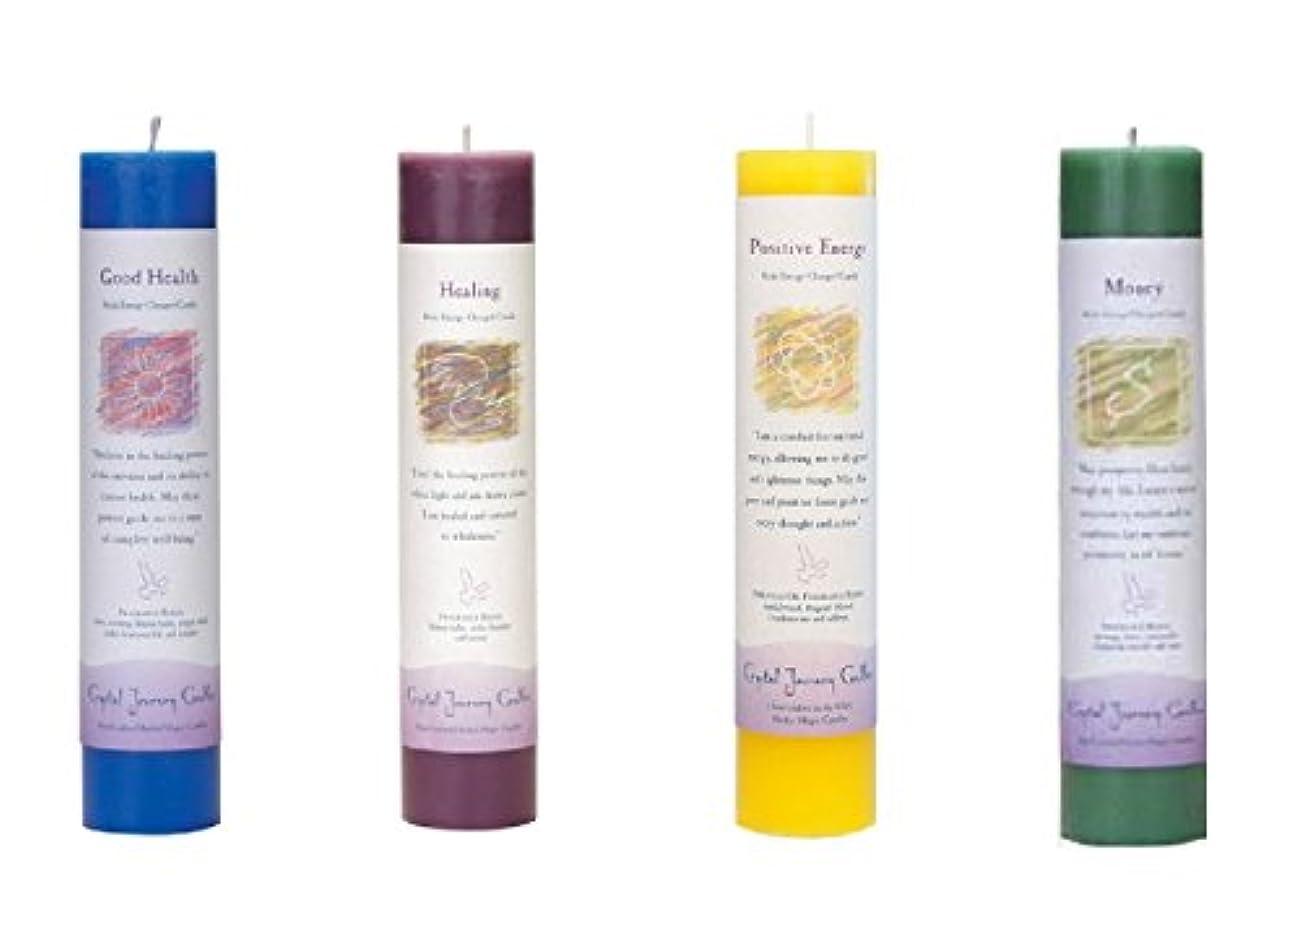 動機付けるカメゴミ箱を空にする(Good Health, Healing, Positive Energy, Money) - Crystal Journey Reiki Charged Herbal Magic Pillar Candle Bundle...